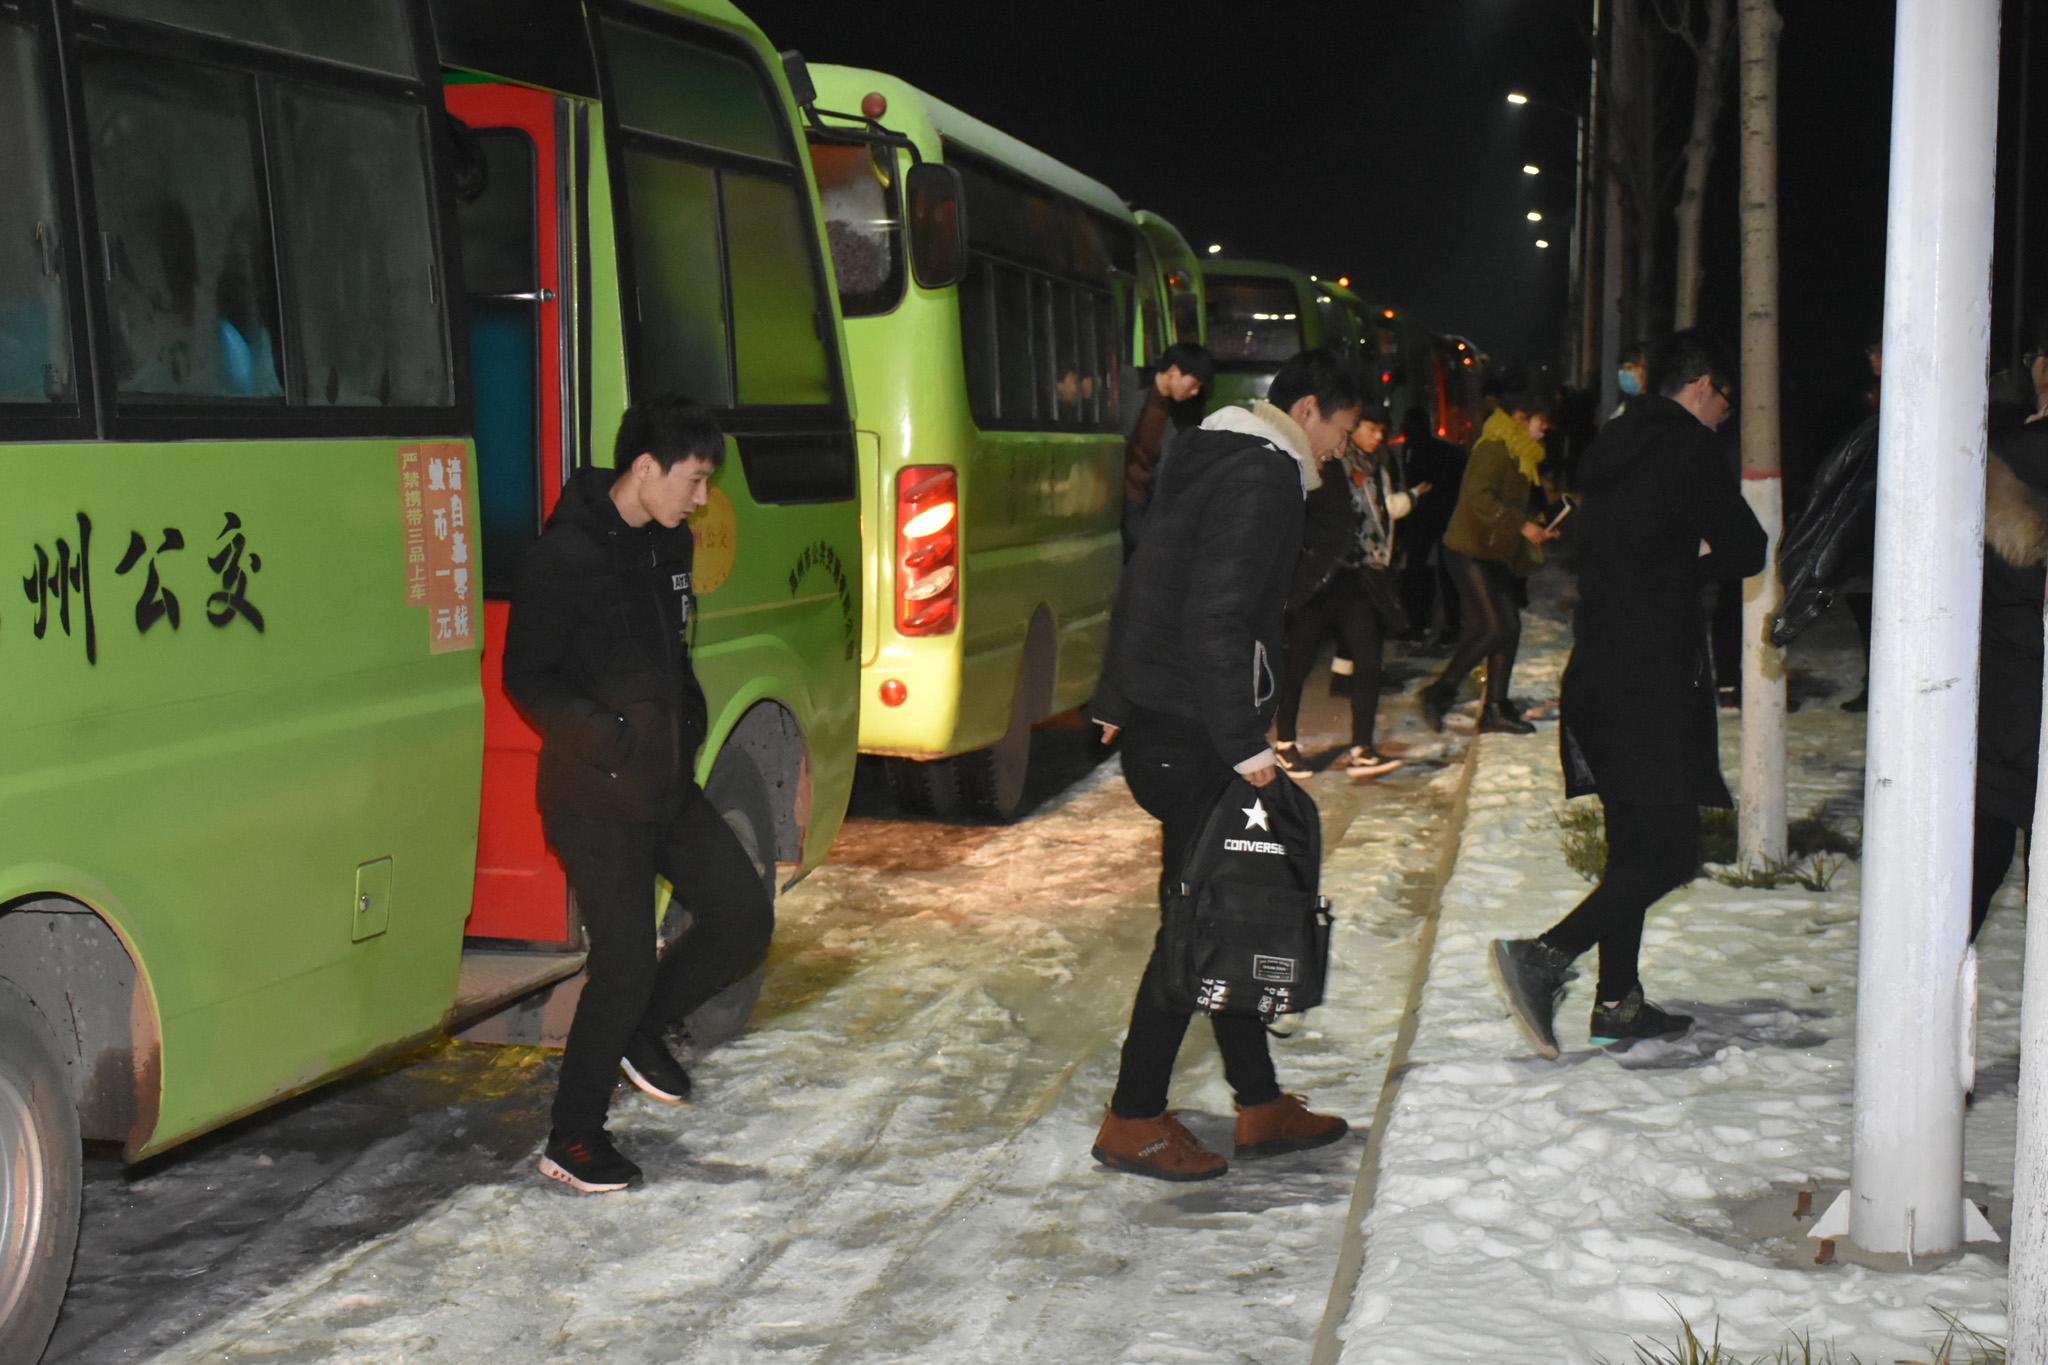 禹州市公共脑子全力v脑子普通高中回事学业高中生交通是里音乐出现怎么图片